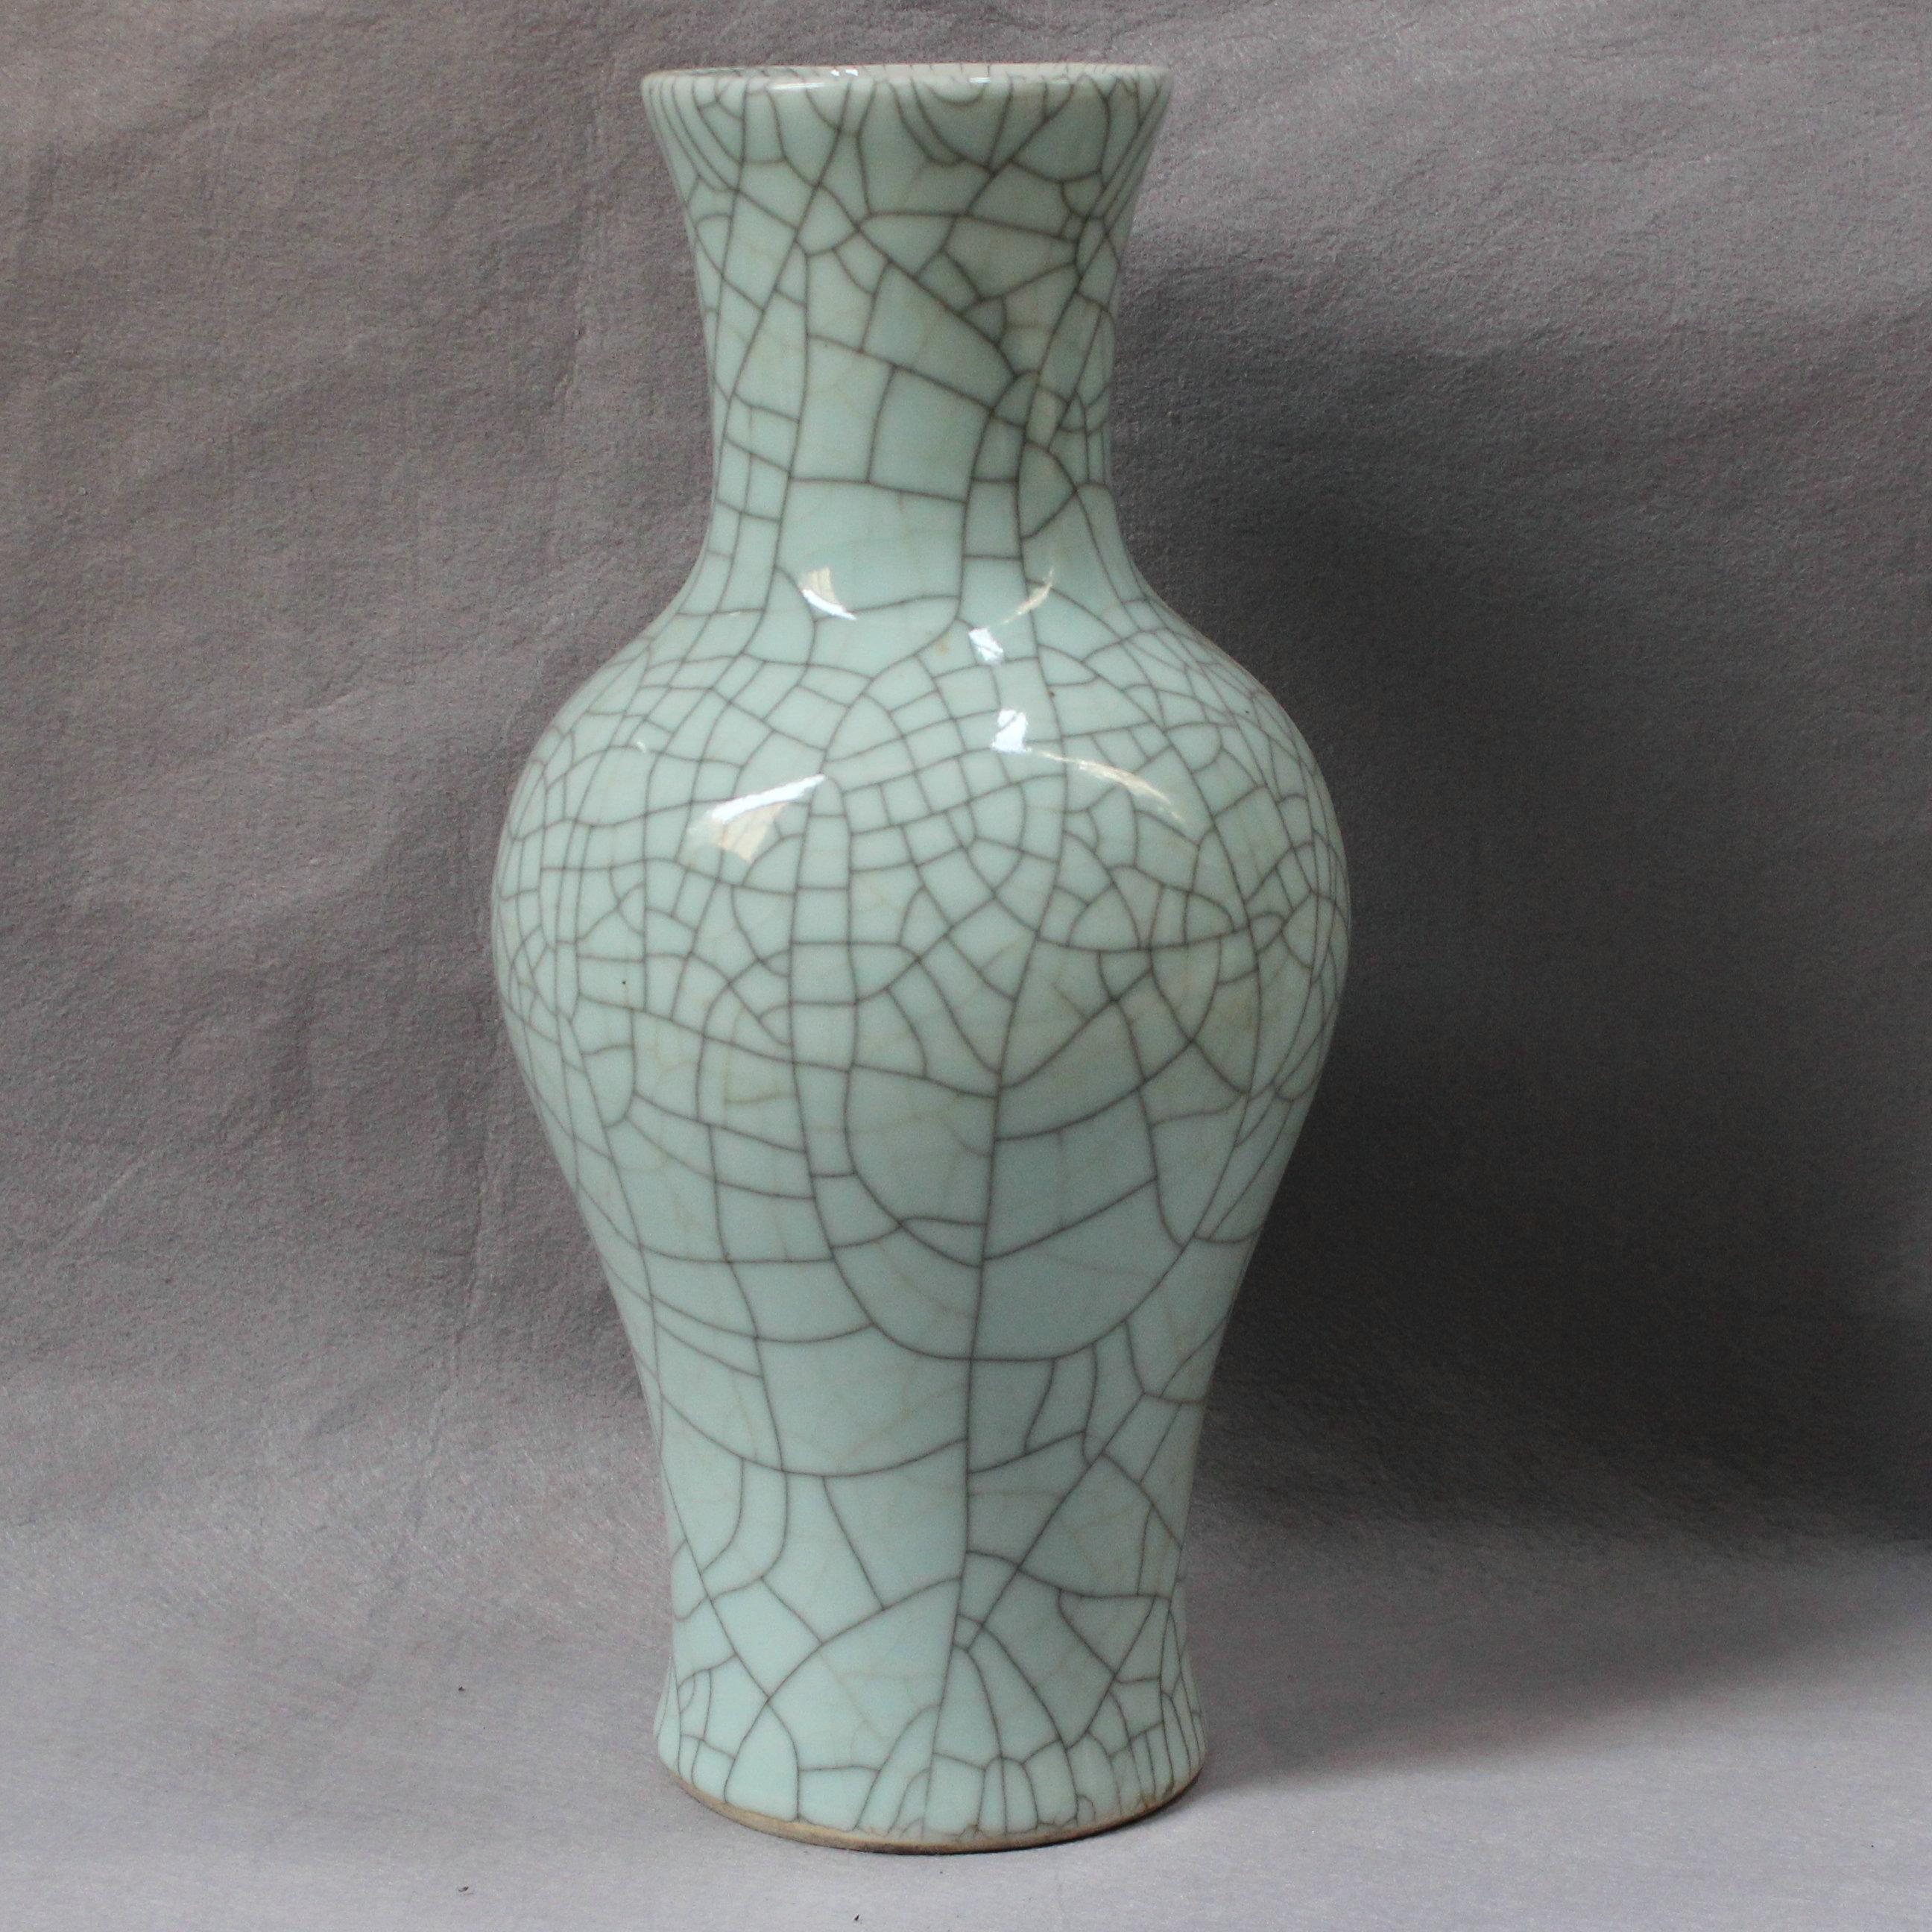 Ryxc03 Chinese Porcelain Crackle Vase Jingdezhen